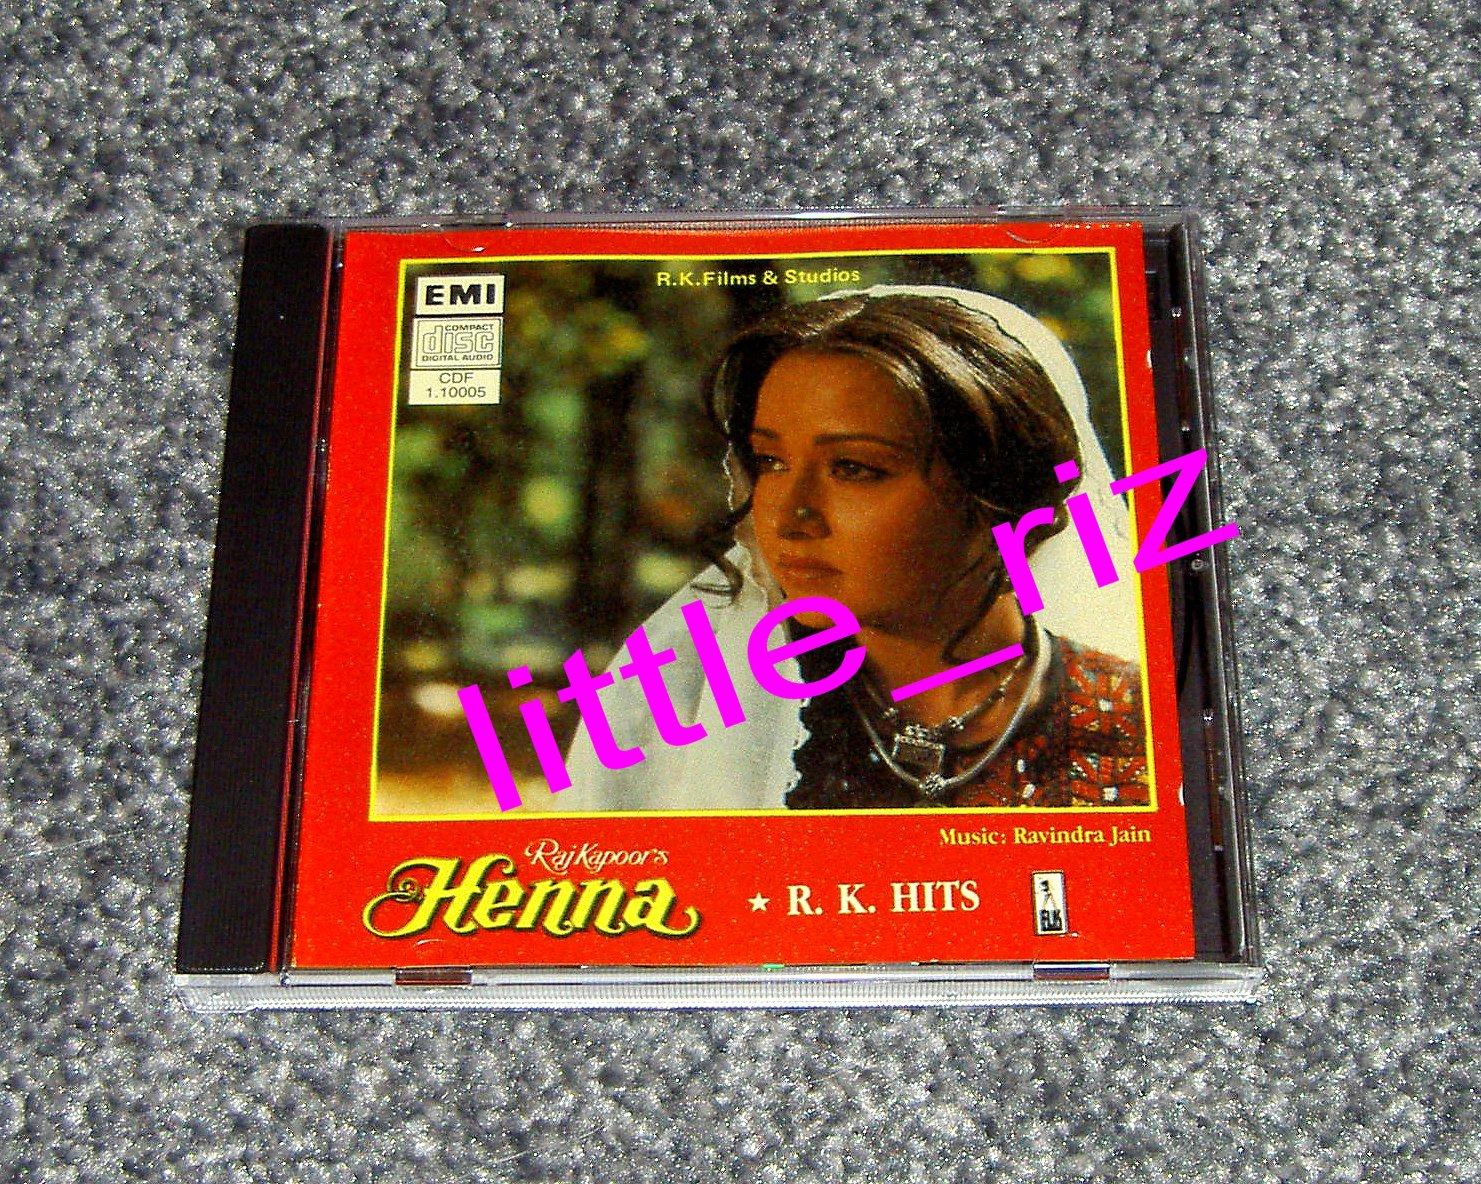 **HENNA** Bollywood/Indian Soundtrack CD EMI Made in UK New Lata Mangeshkar